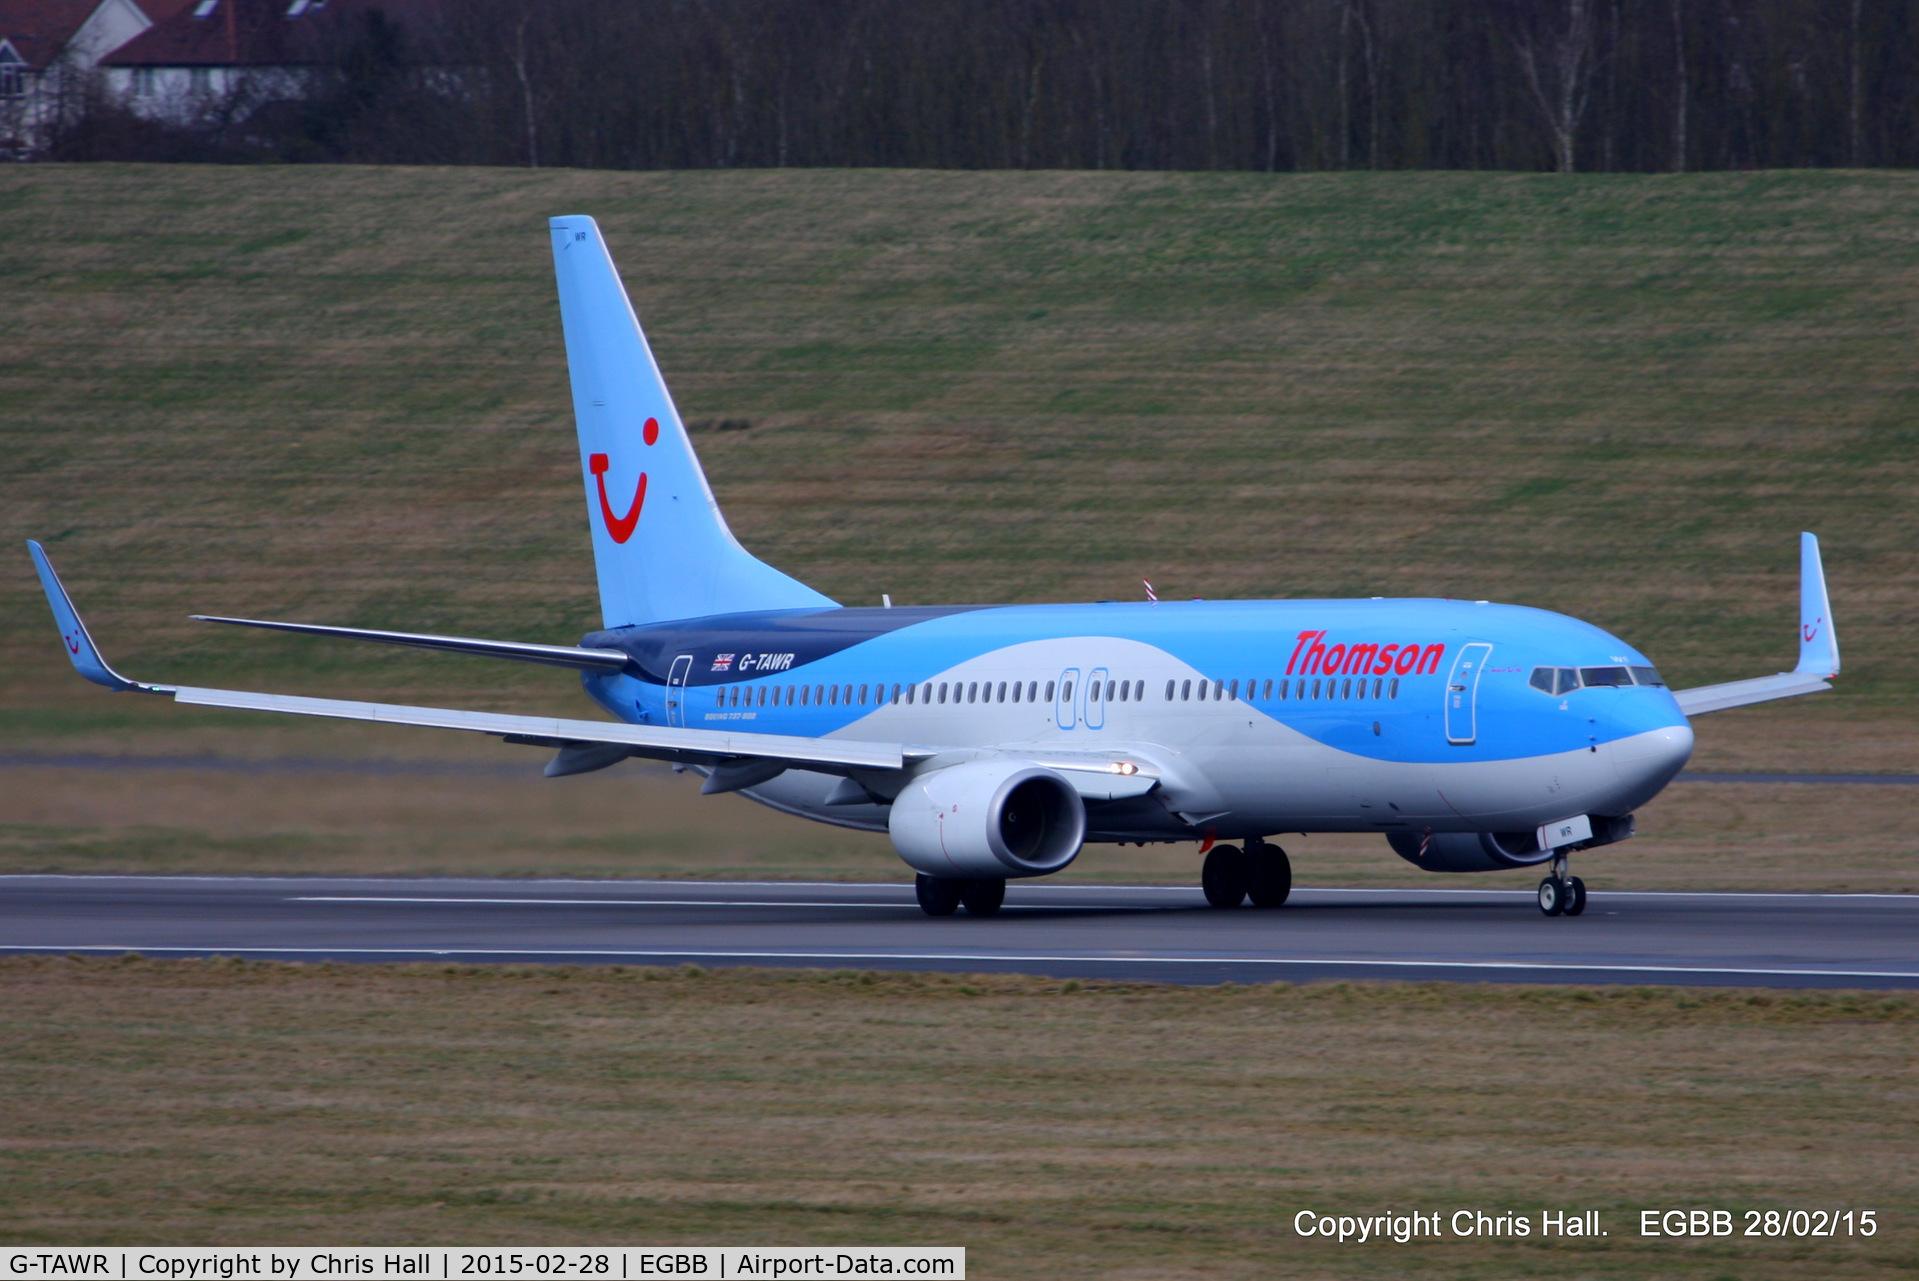 G-TAWR, 2013 Boeing 737-8K5 C/N 37256, Thomson